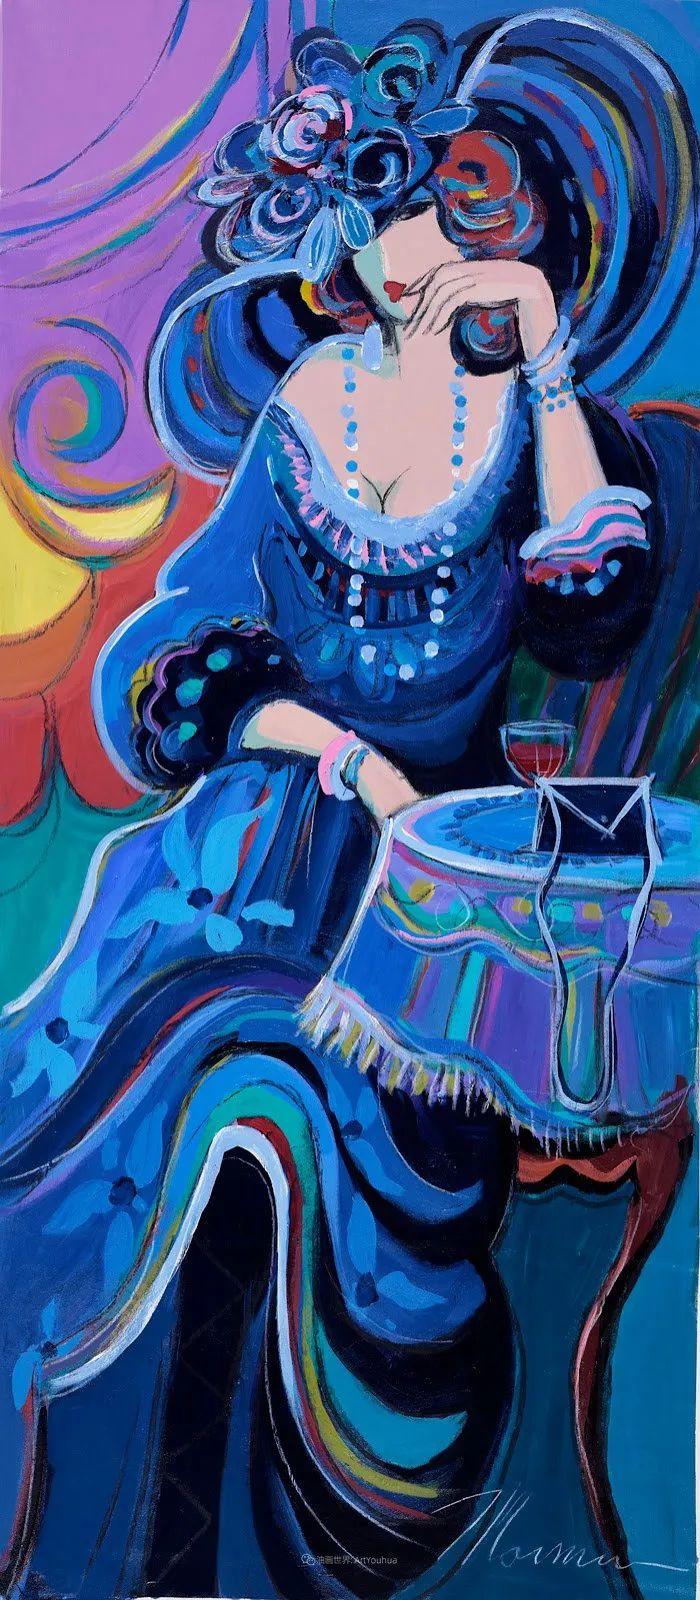 流动的曲线,鲜艳的色彩,极富美感的画面!插图3